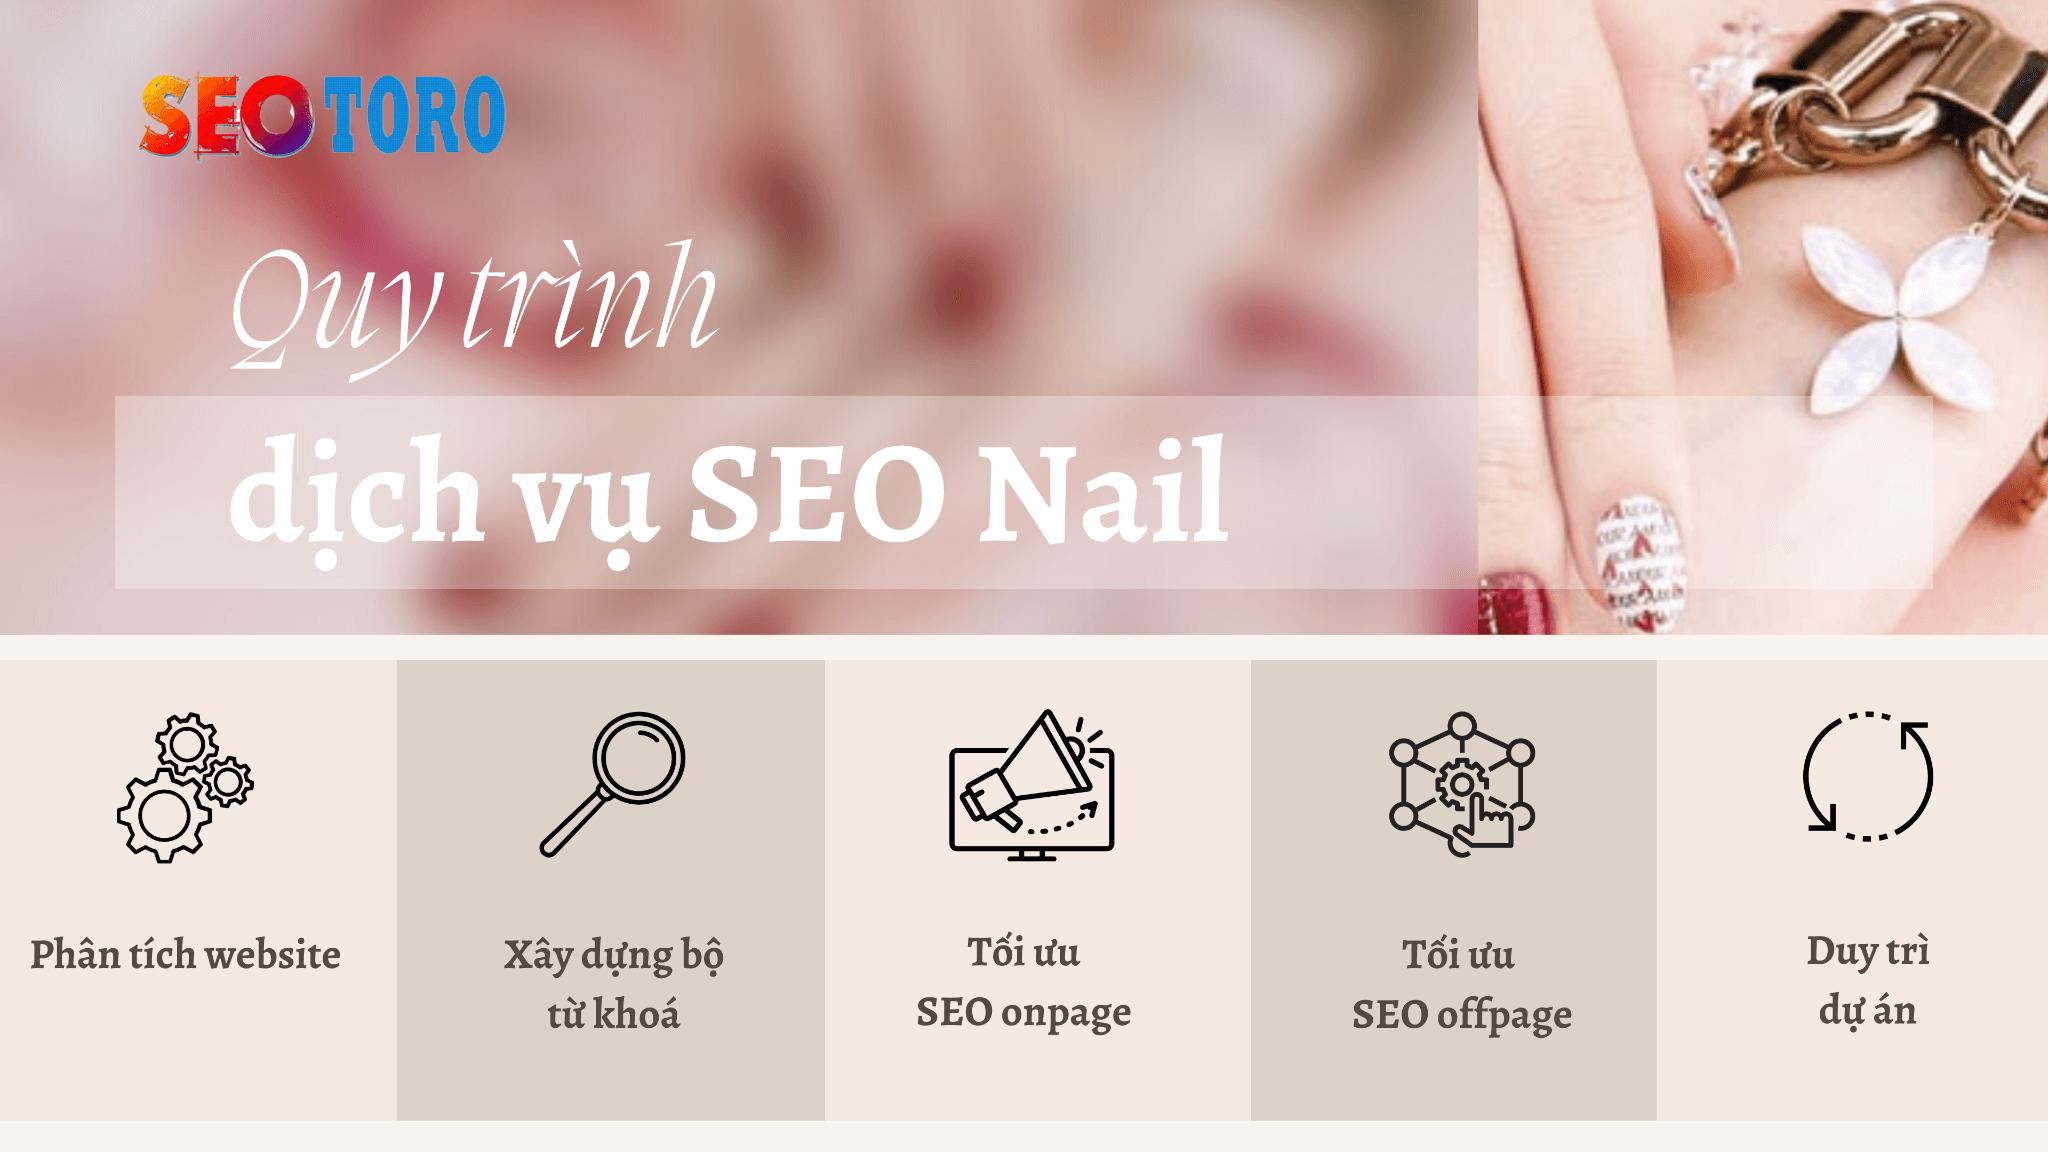 Quy trình tiến hành dịch vụ SEO Nail tại Seotoro